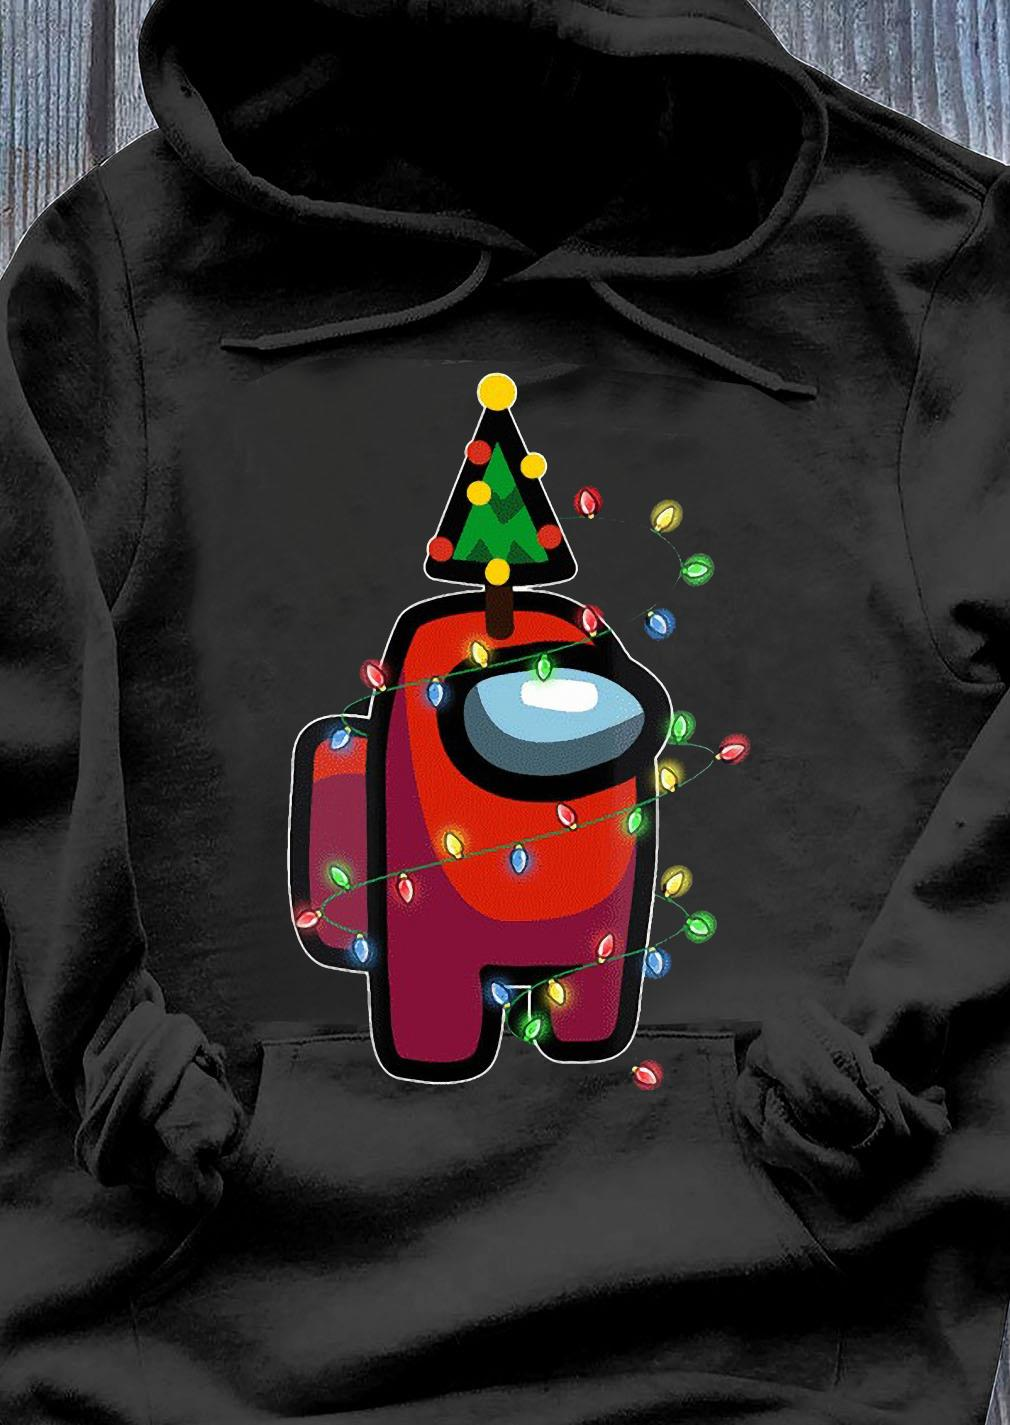 Santa Among Us Character Pine Christmas Tree Shirt Hoodie